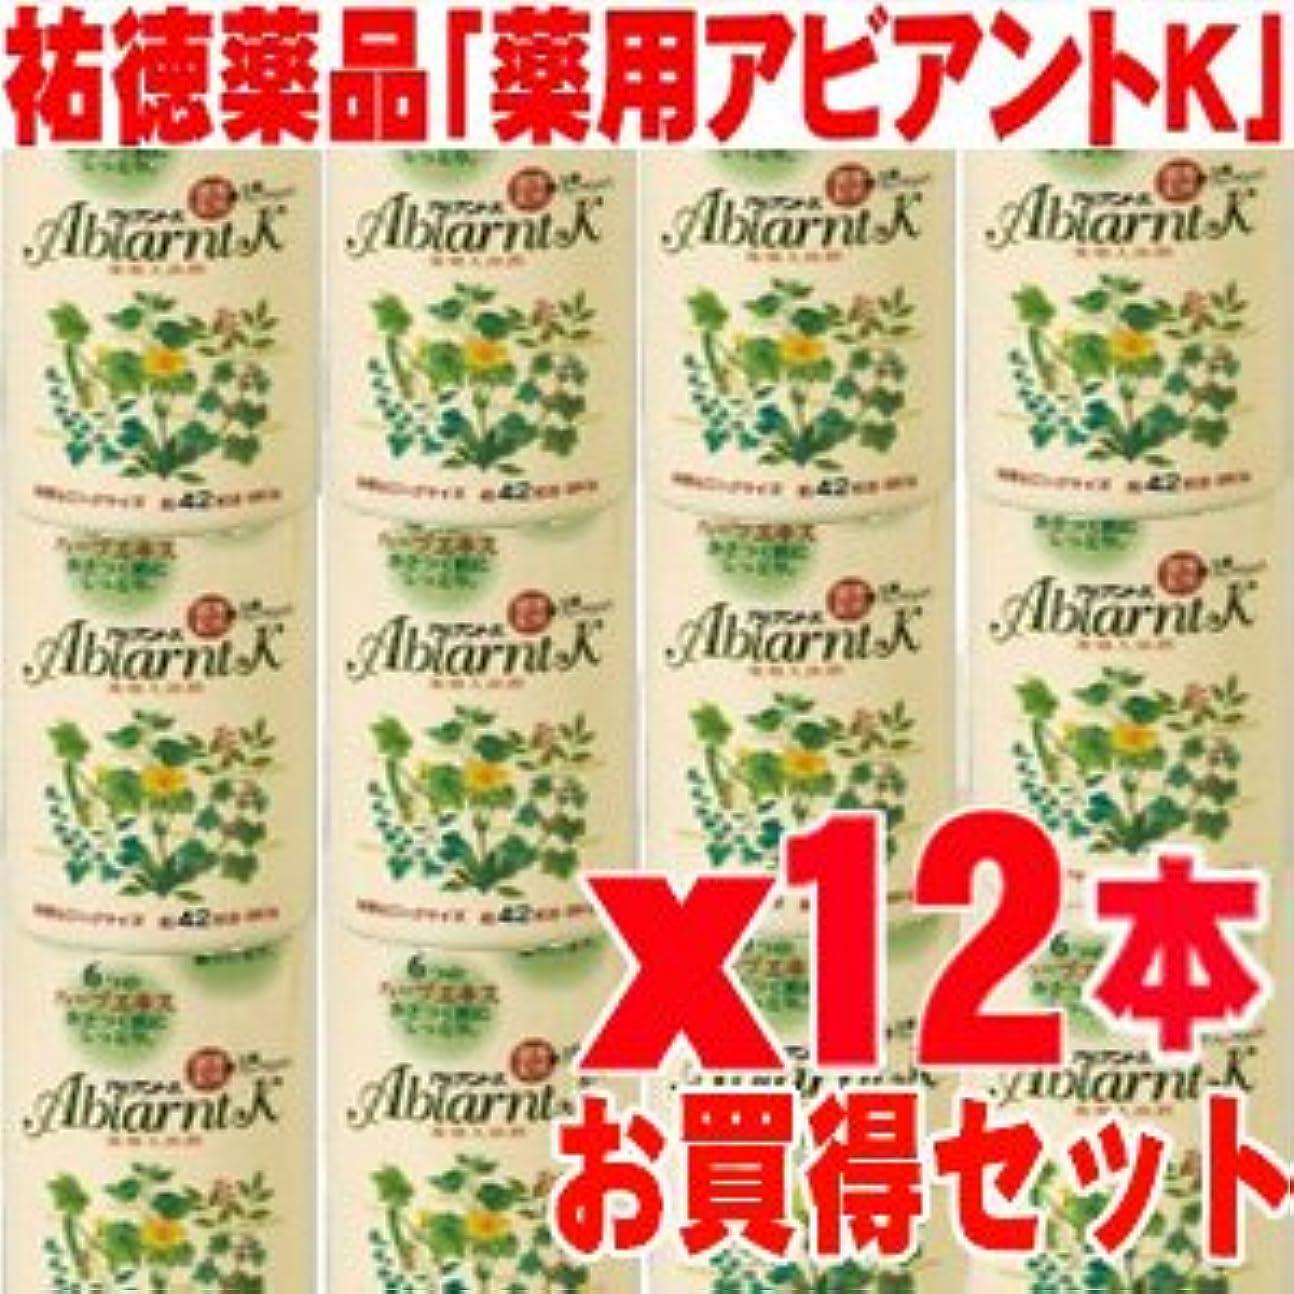 魅力的砂の削減アビアントK 薬用入浴剤 850gx12本 (総合計10.2kg)4987235024123